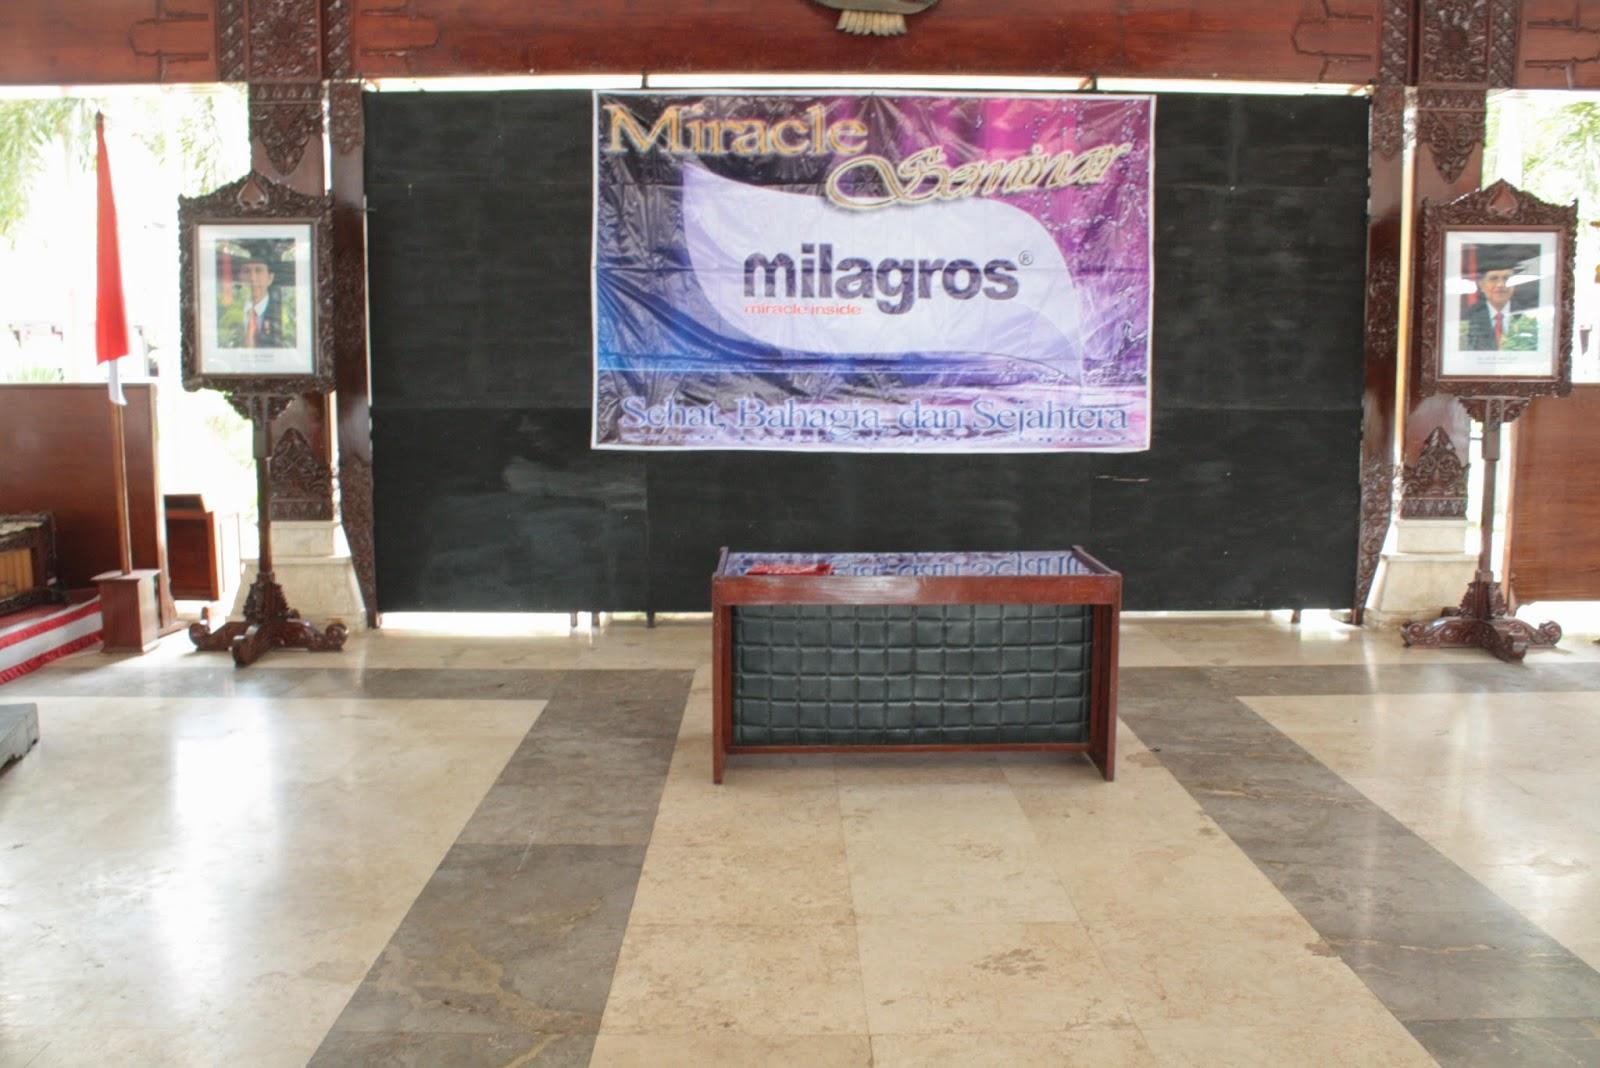 Image Result For Stokis Milagros Bekasi Timur